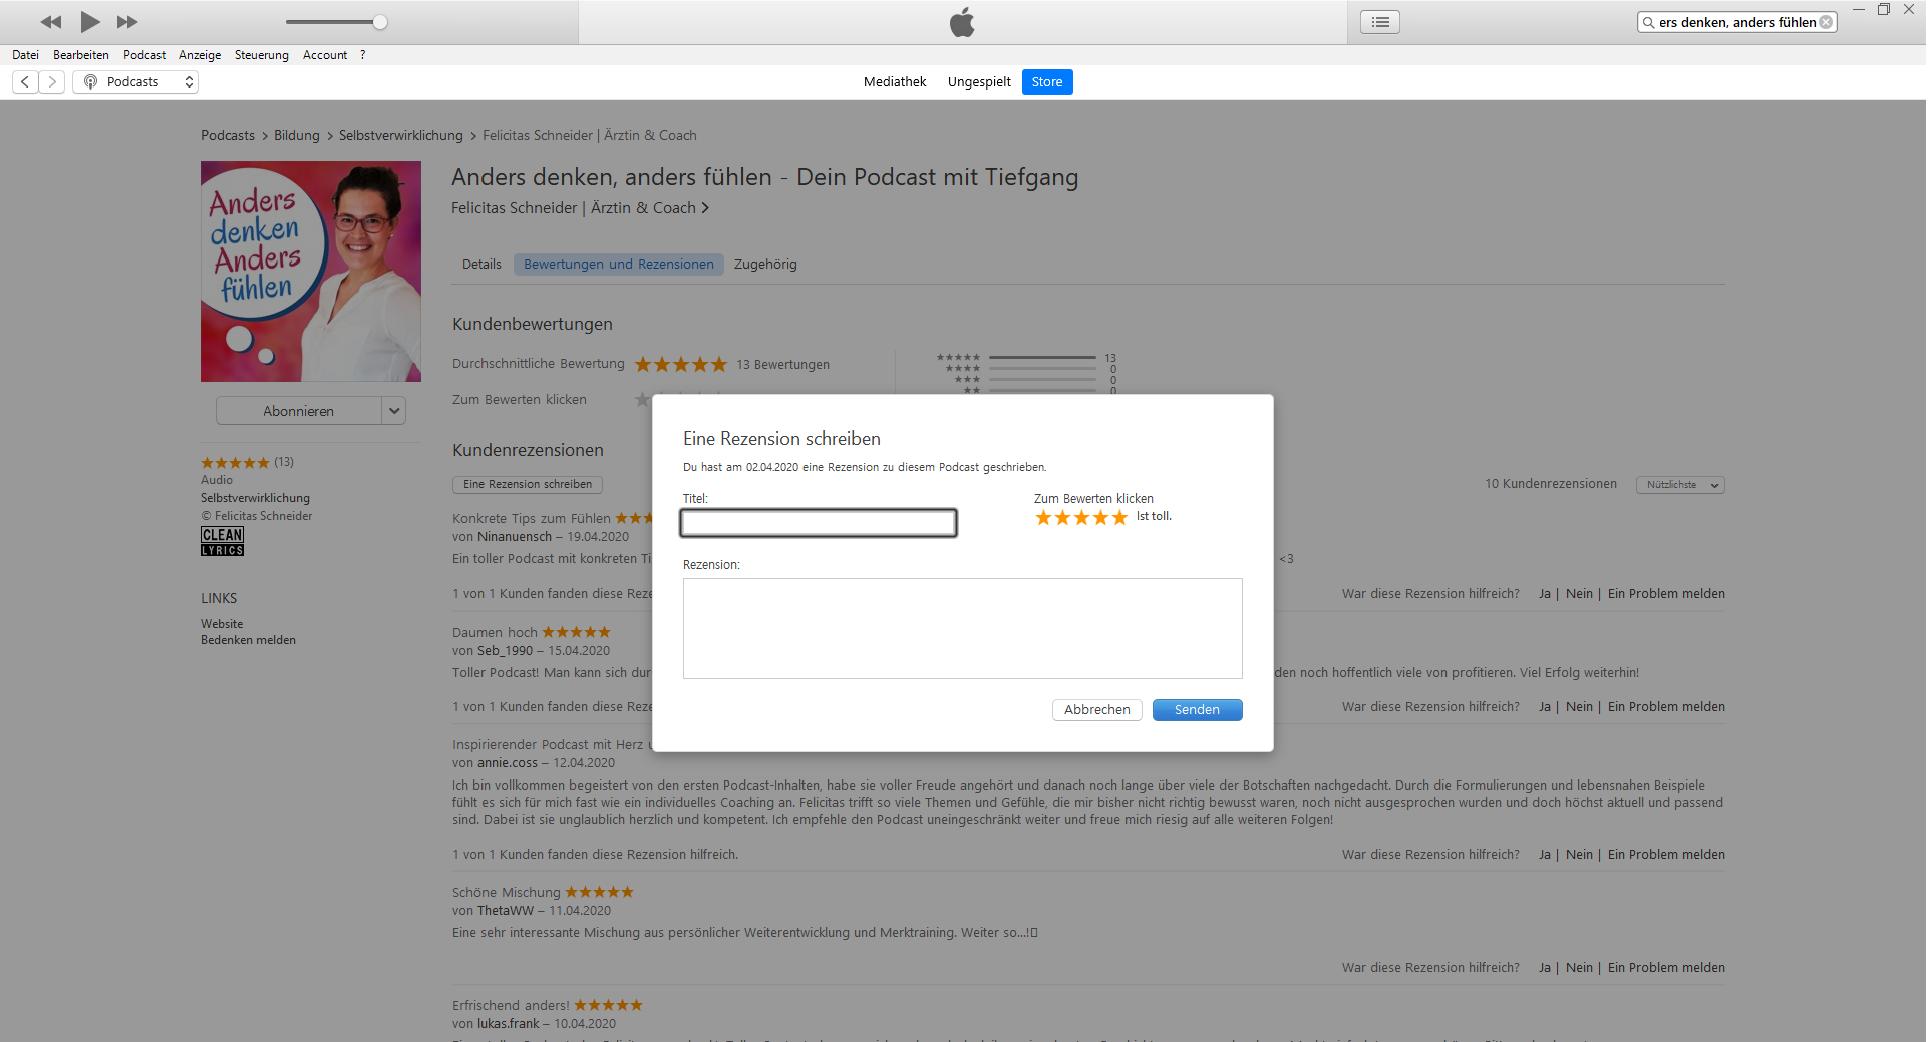 Podcast bewerten iTunes Felicitas Schneider